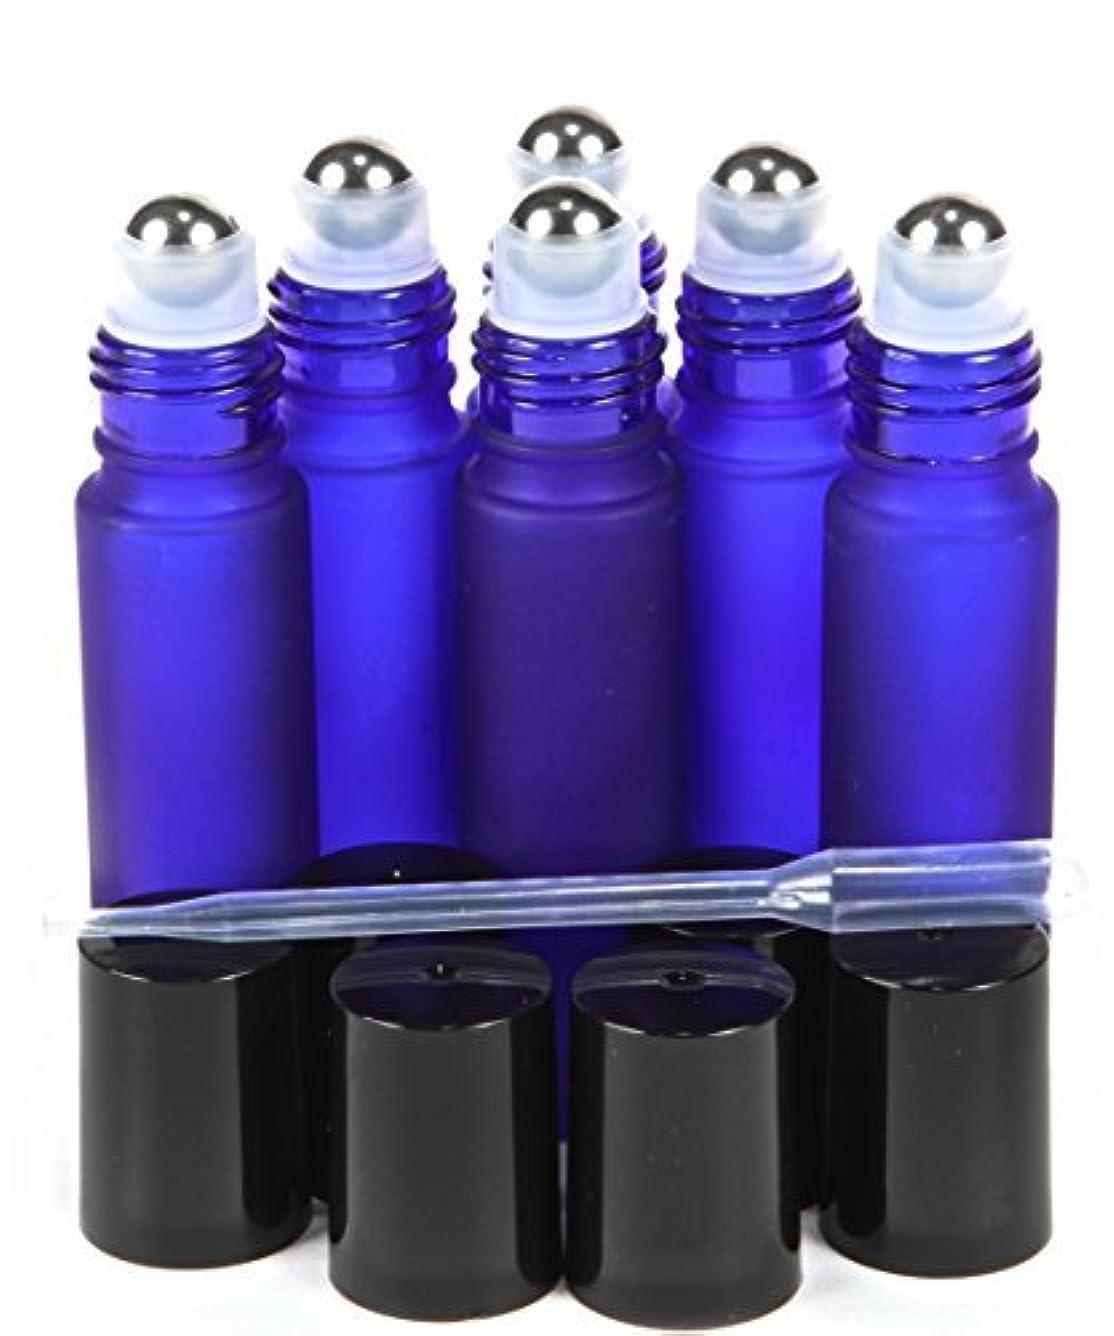 緊張する番号禁止する6, Frosted, Cobalt Blue, 10 ml Glass Roll-on Bottles with Stainless Steel Roller Balls - .5 ml Dropper Included...